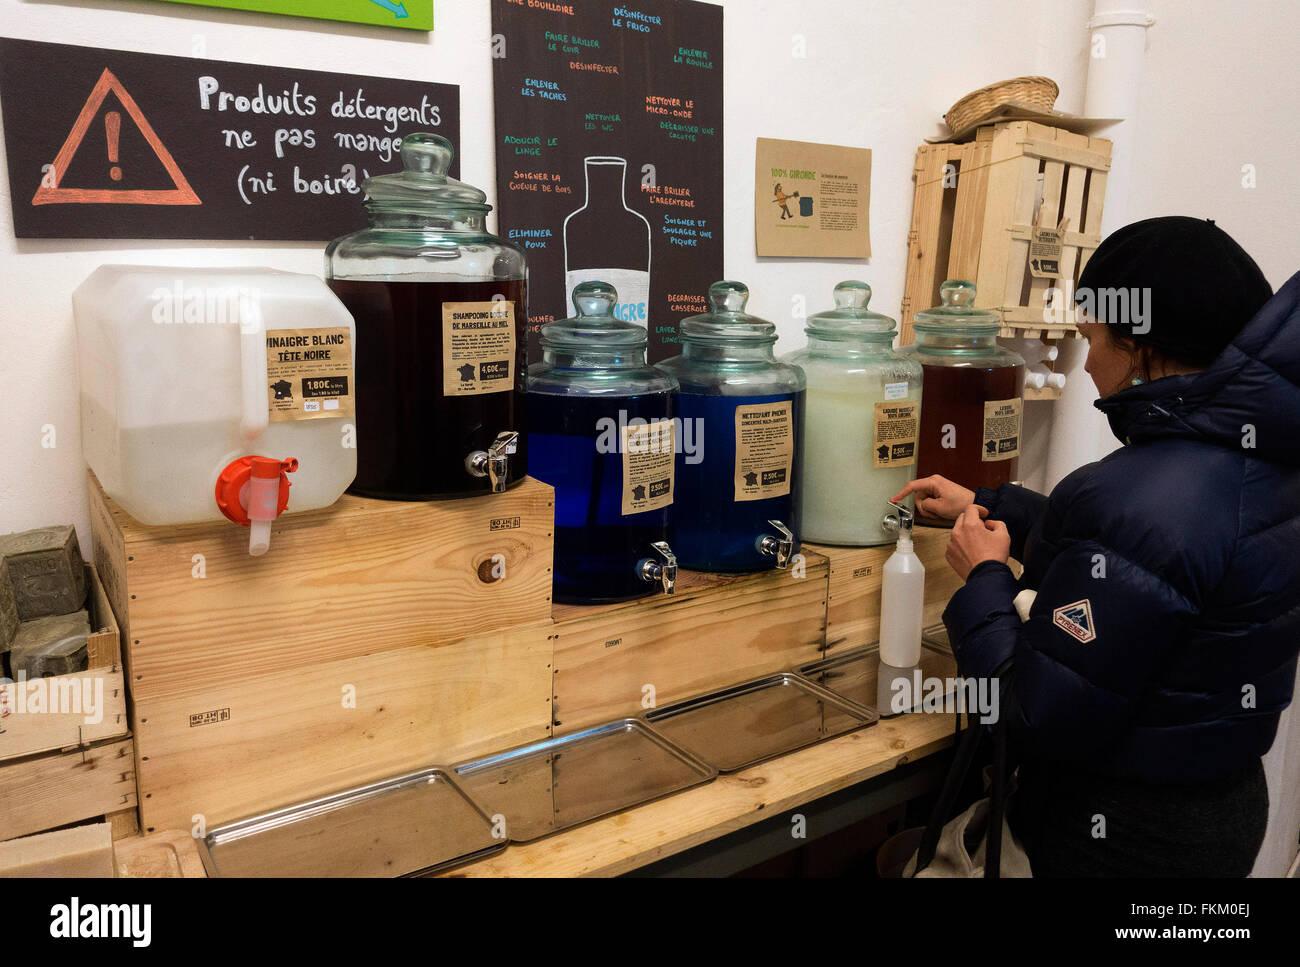 Bordeaux,France: La Recharge shop - Stock Image